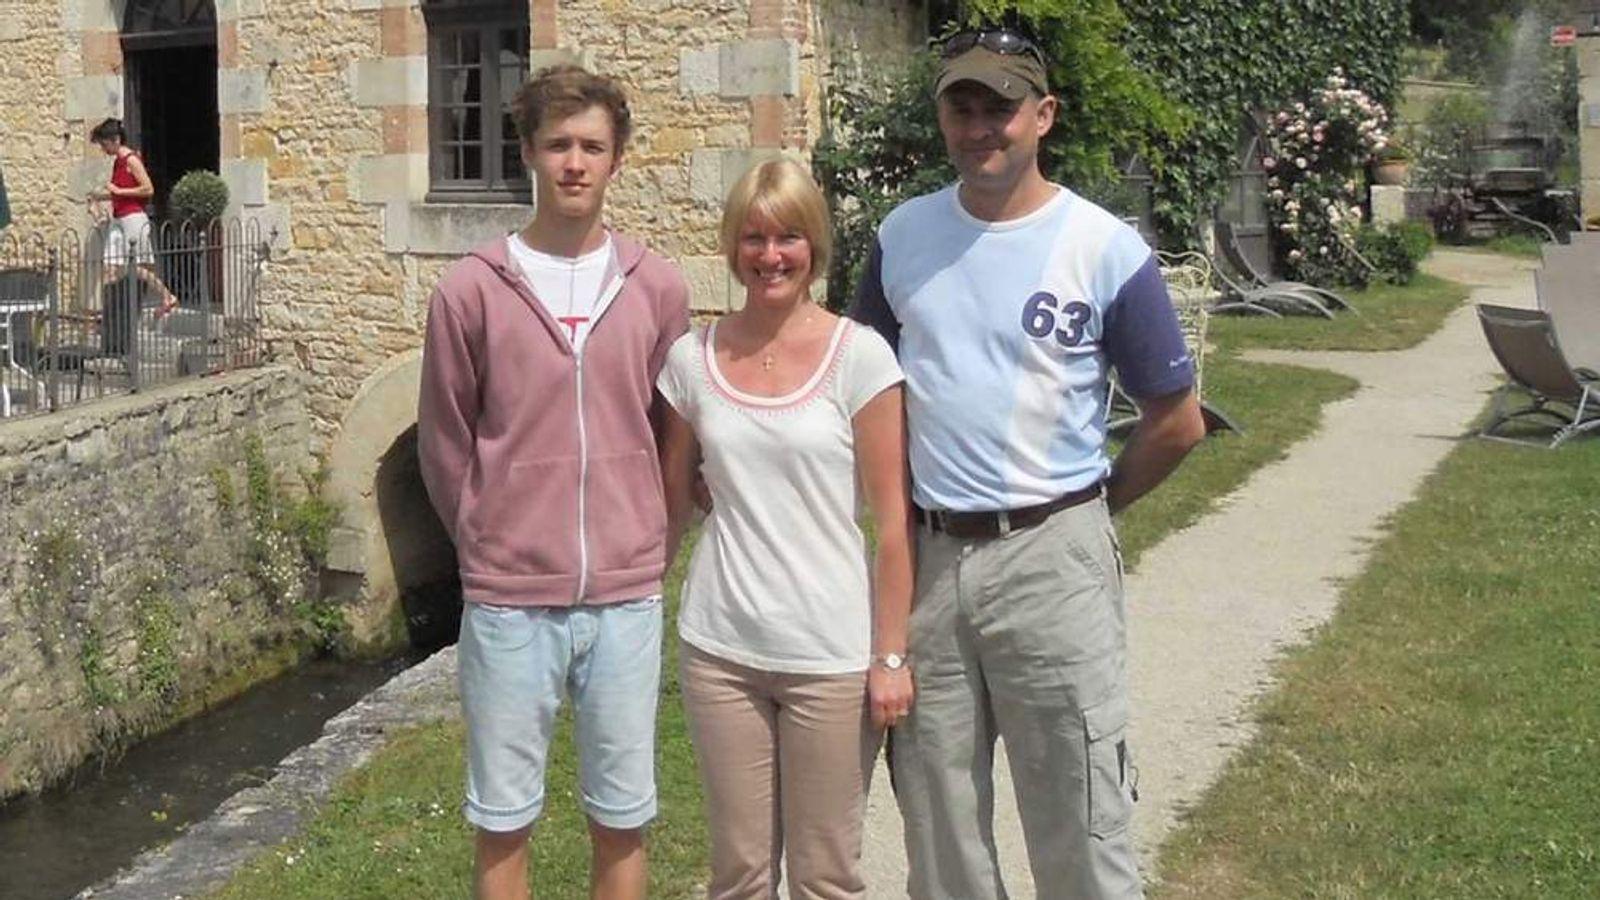 Joseph Lawton and his parents